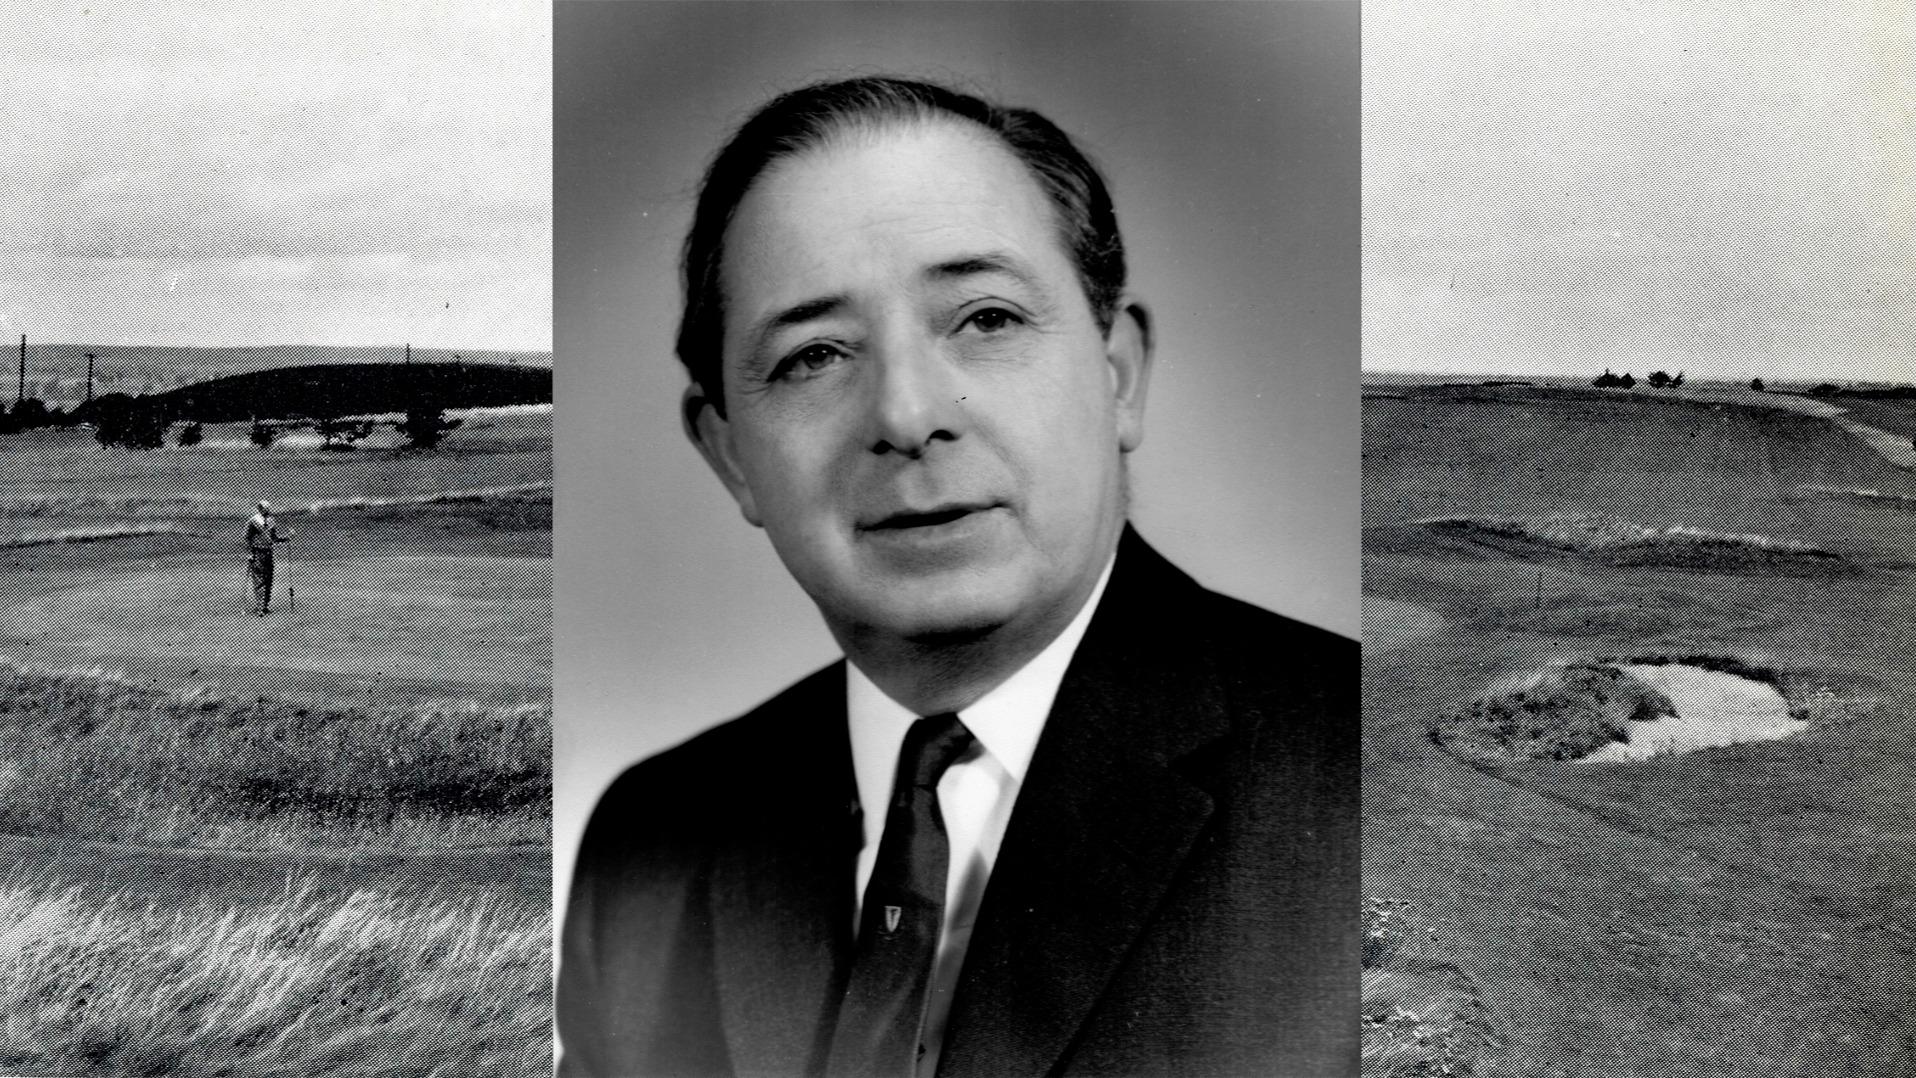 1971 - W E Evans